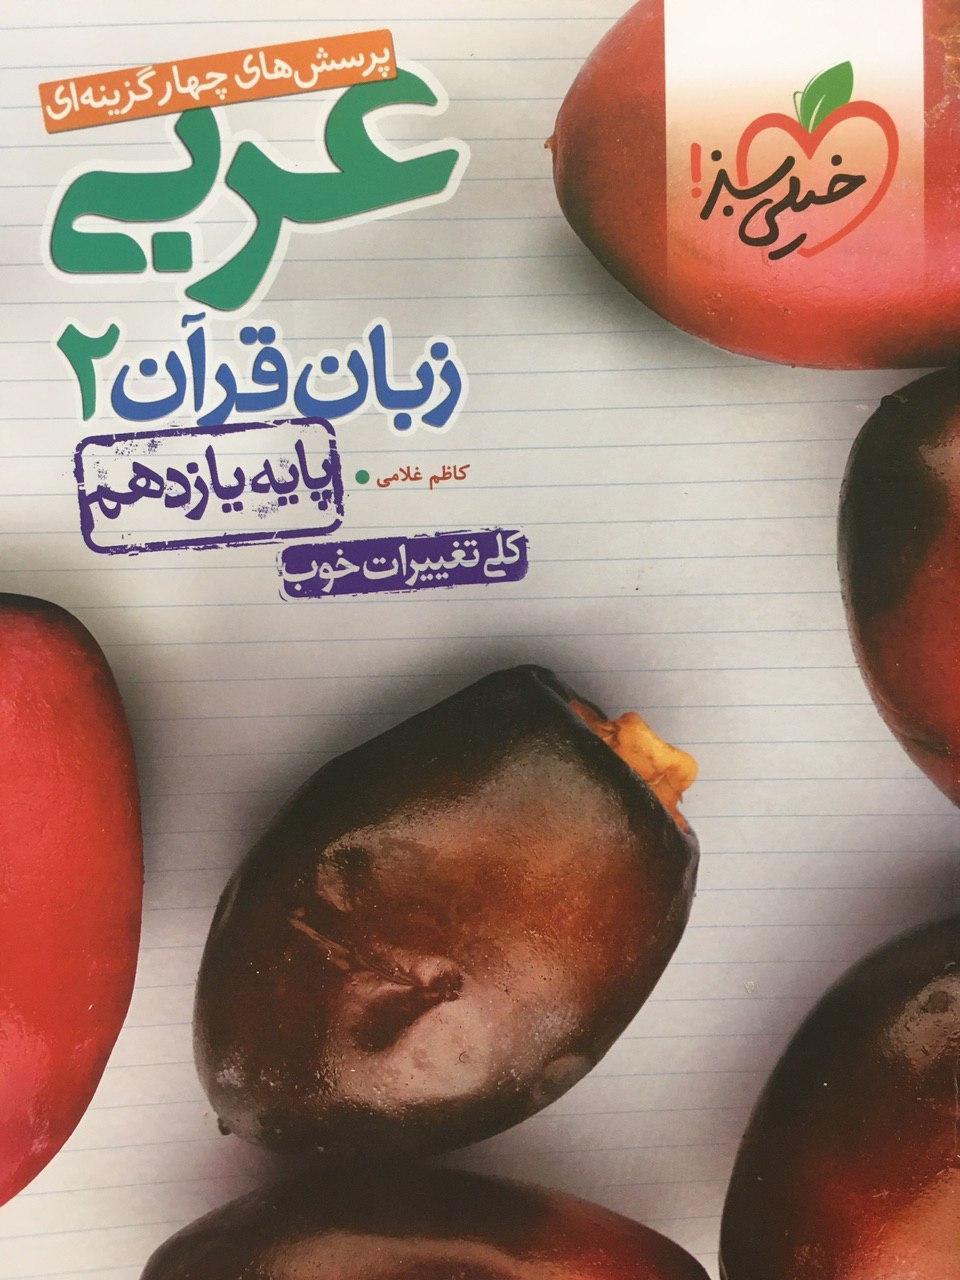 کتاب عربی زبان قرآن یازدهم رشته ریاضی و رشته تجربی تست